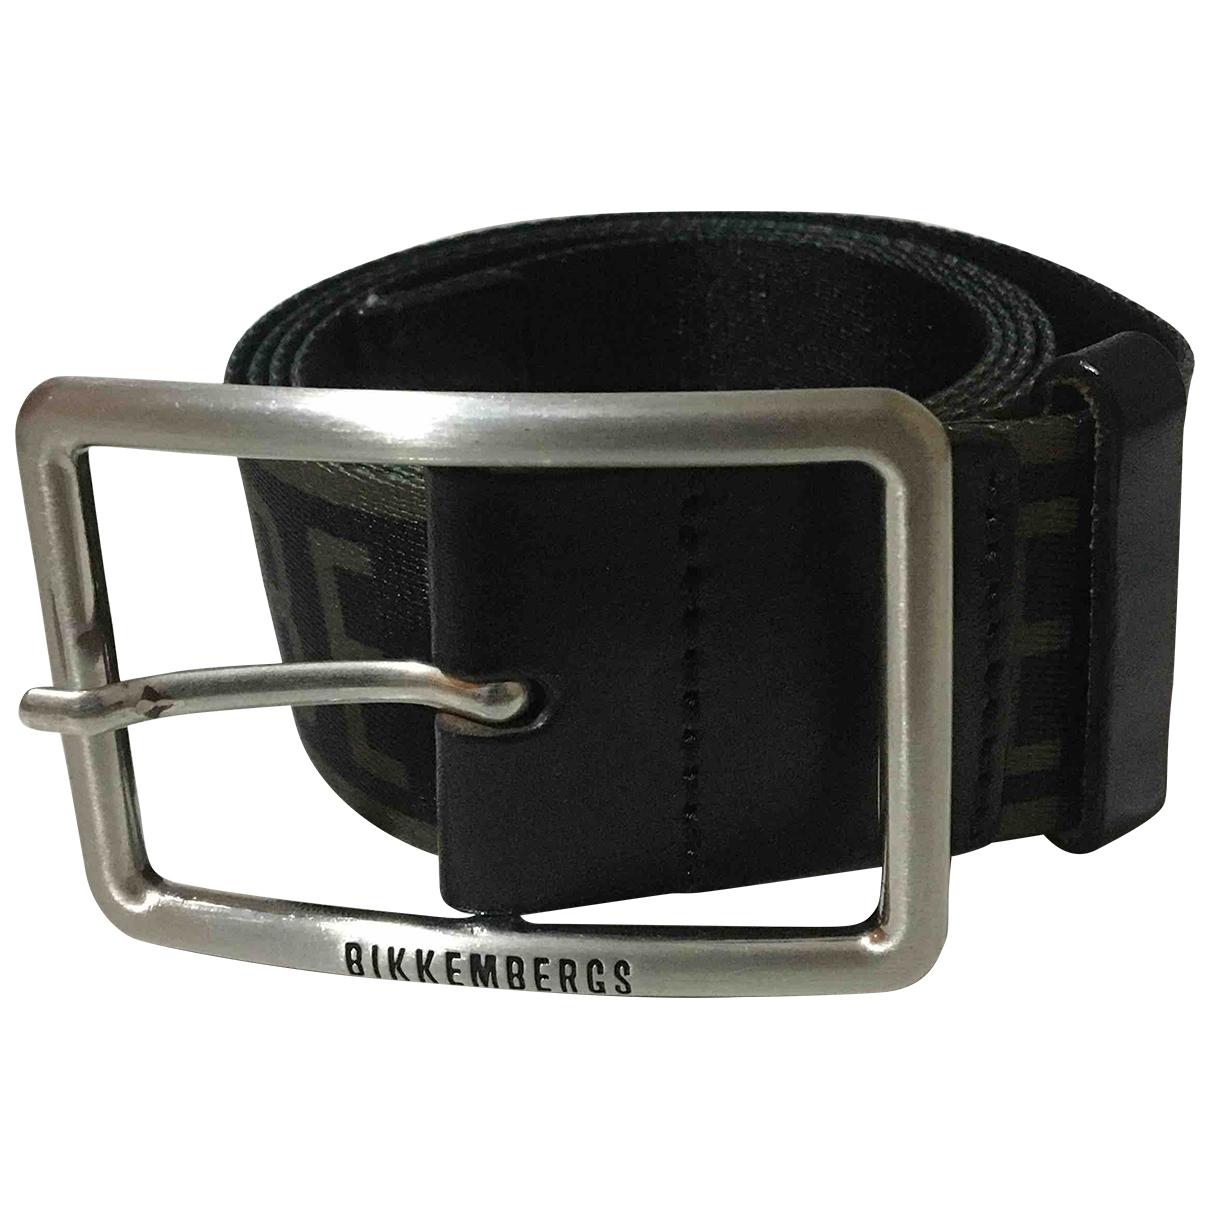 Cinturon de Lona Dirk Bikkembergs